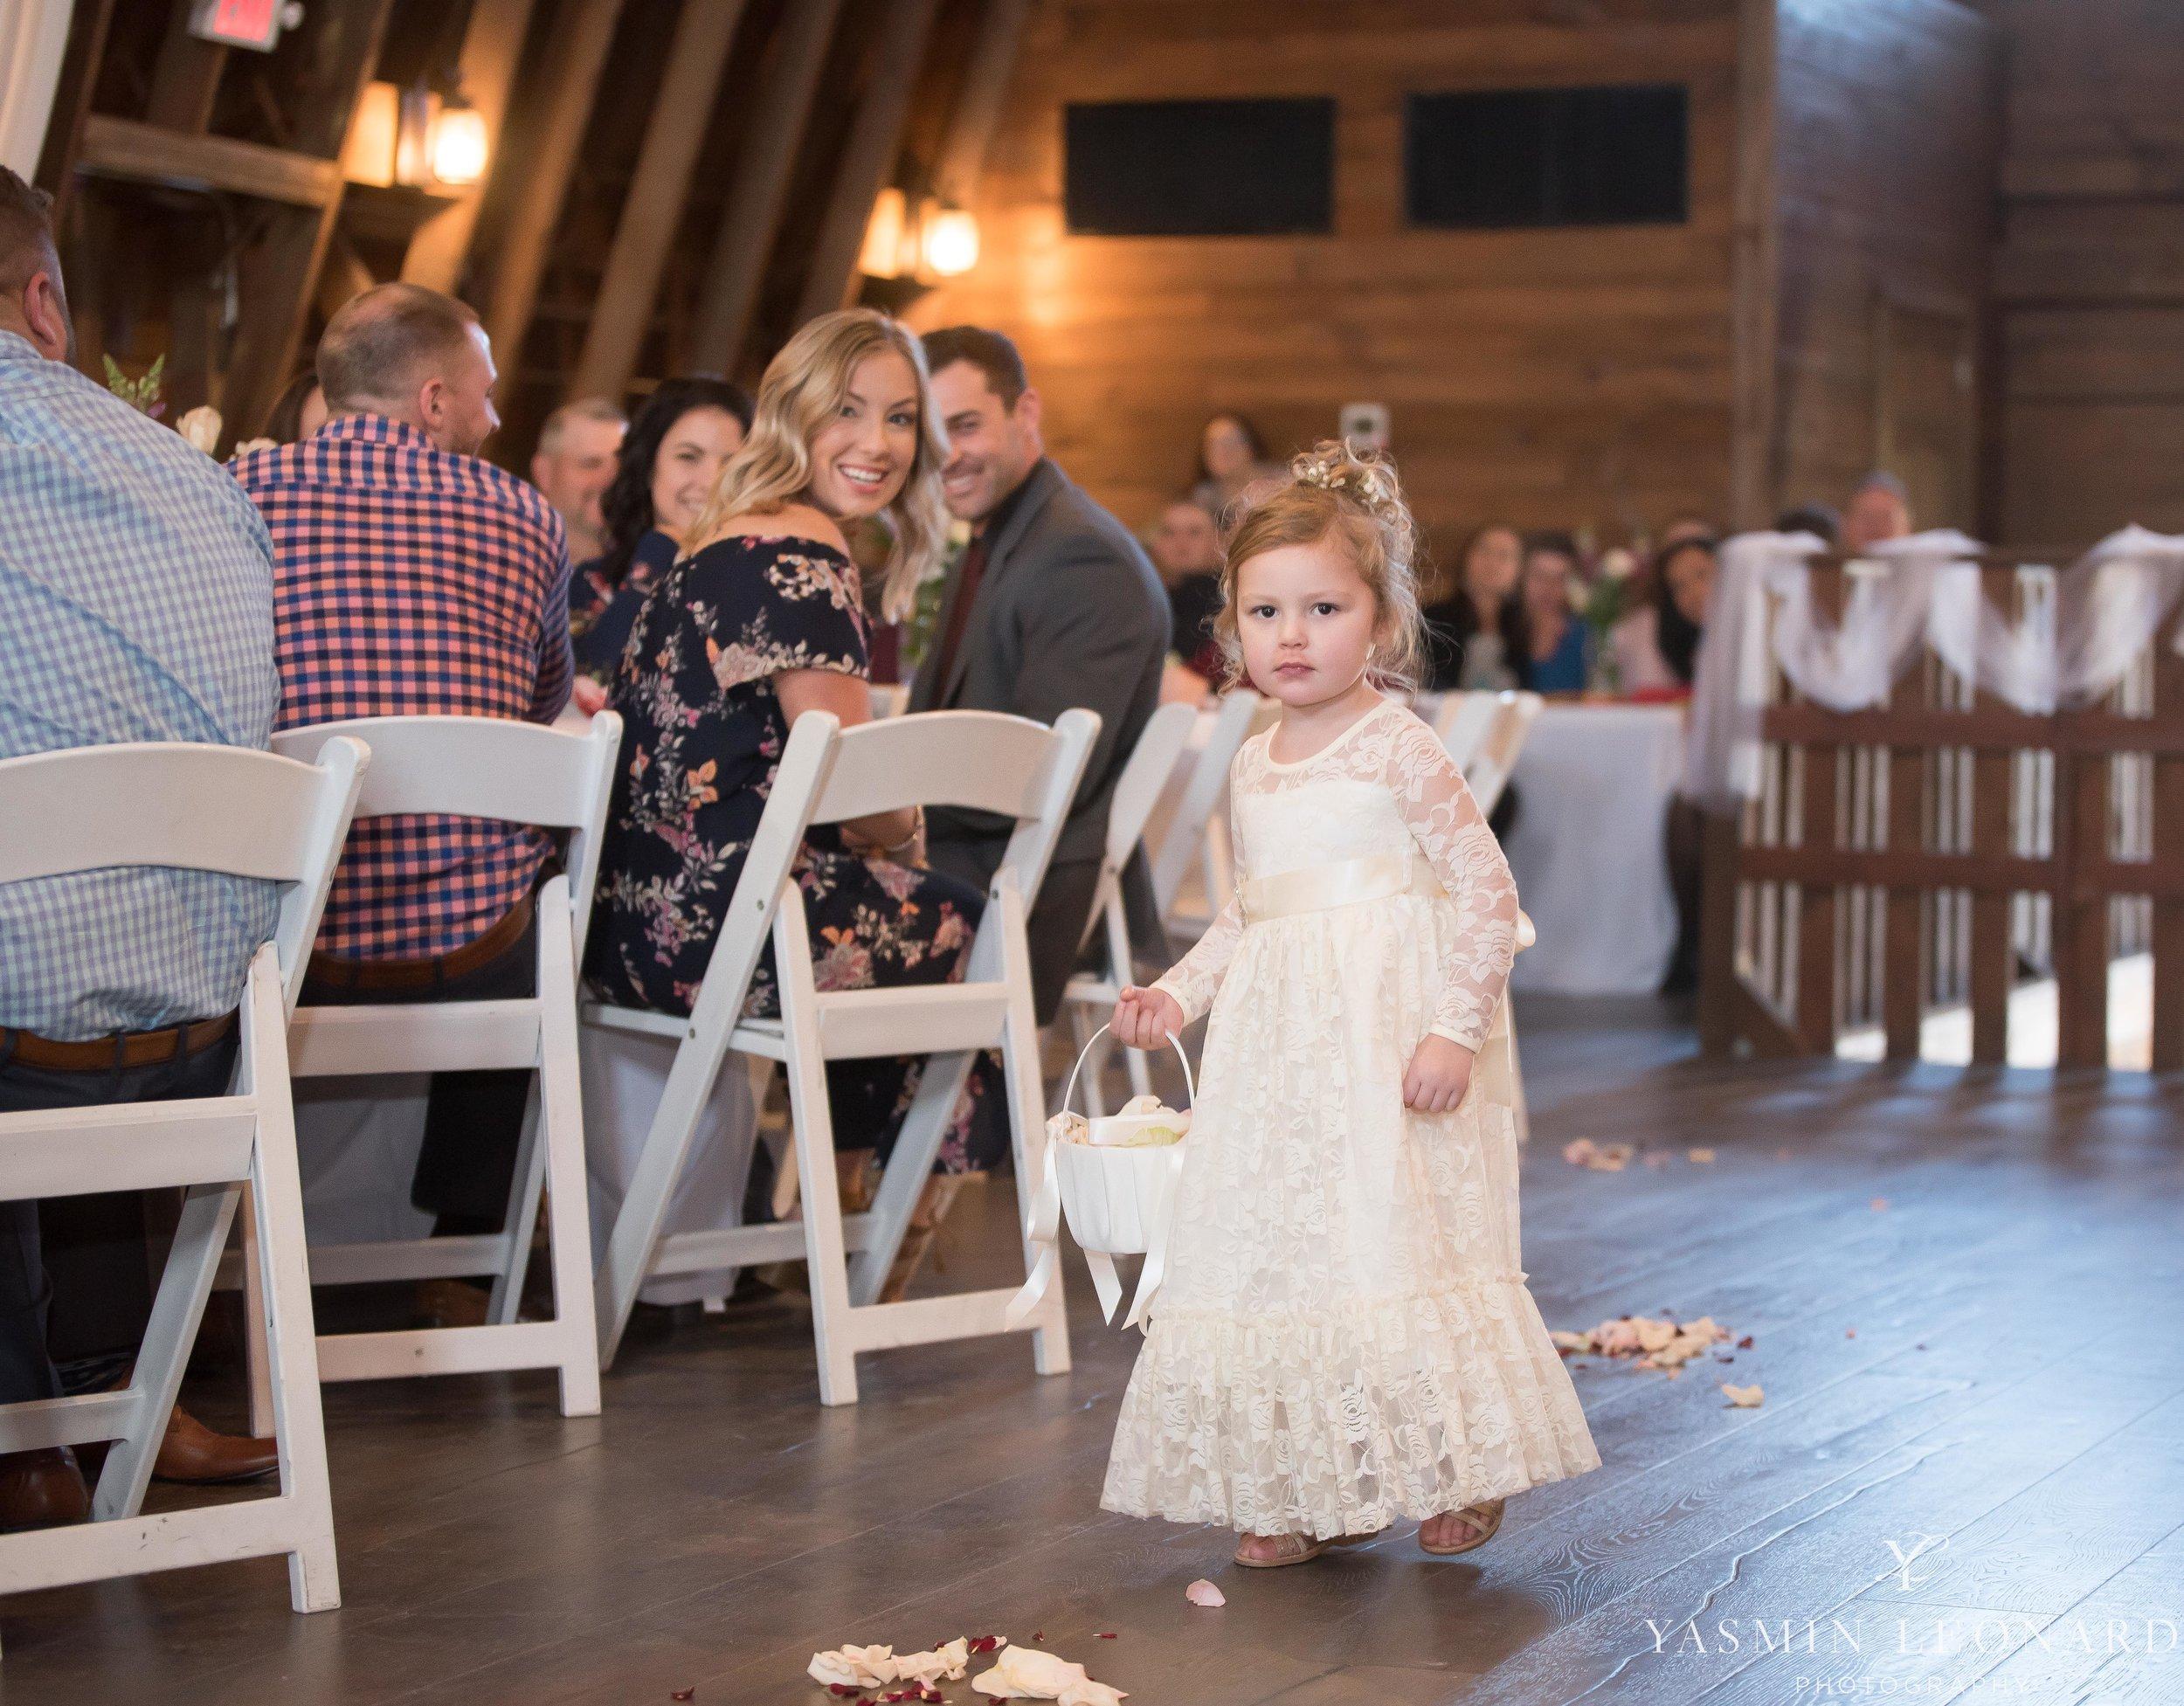 Millikan Farms - Millikan Farms Wedding - Sophia NC Wedding - NC Wedding - NC Wedding Photographer - Yasmin Leonard Photography - High Point Photographer - Barn Wedding - Wedding Venues in NC - Triad Wedding Photographer-36.jpg